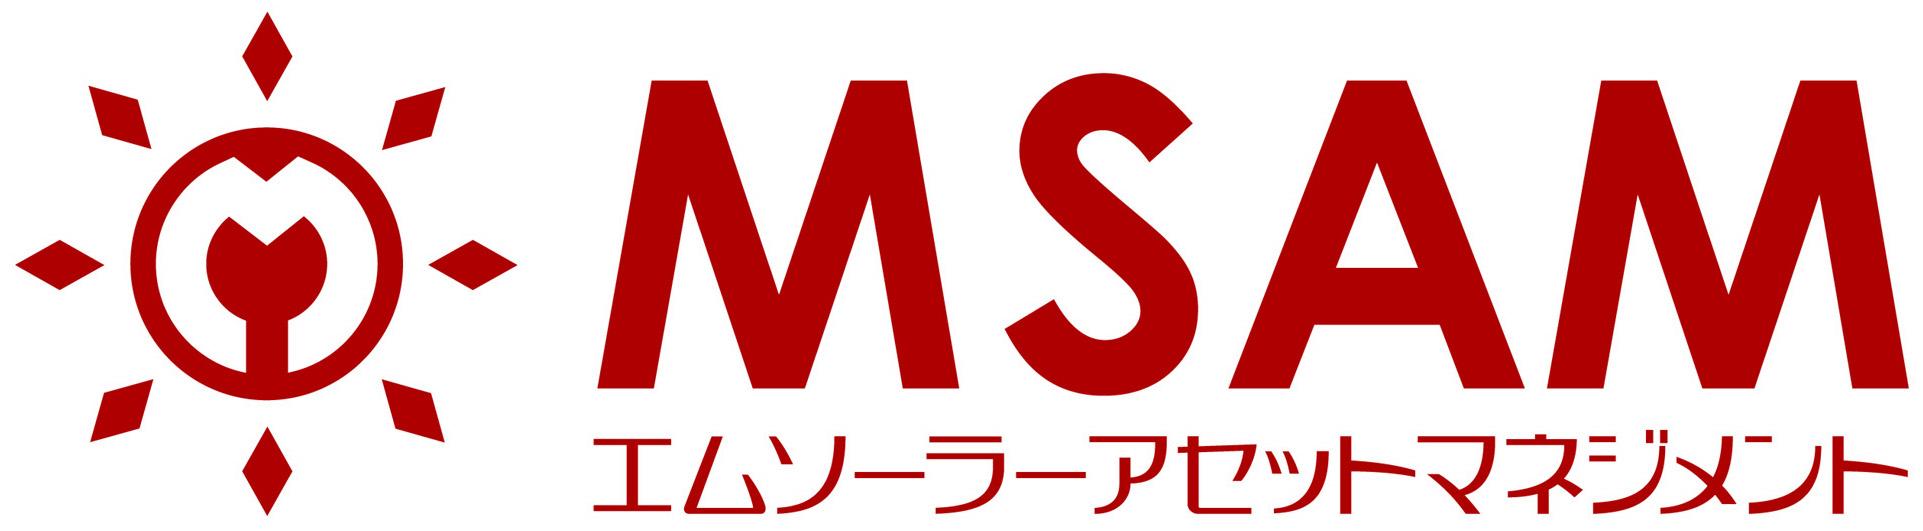 エムソーラーアセットマネジメント株式会社